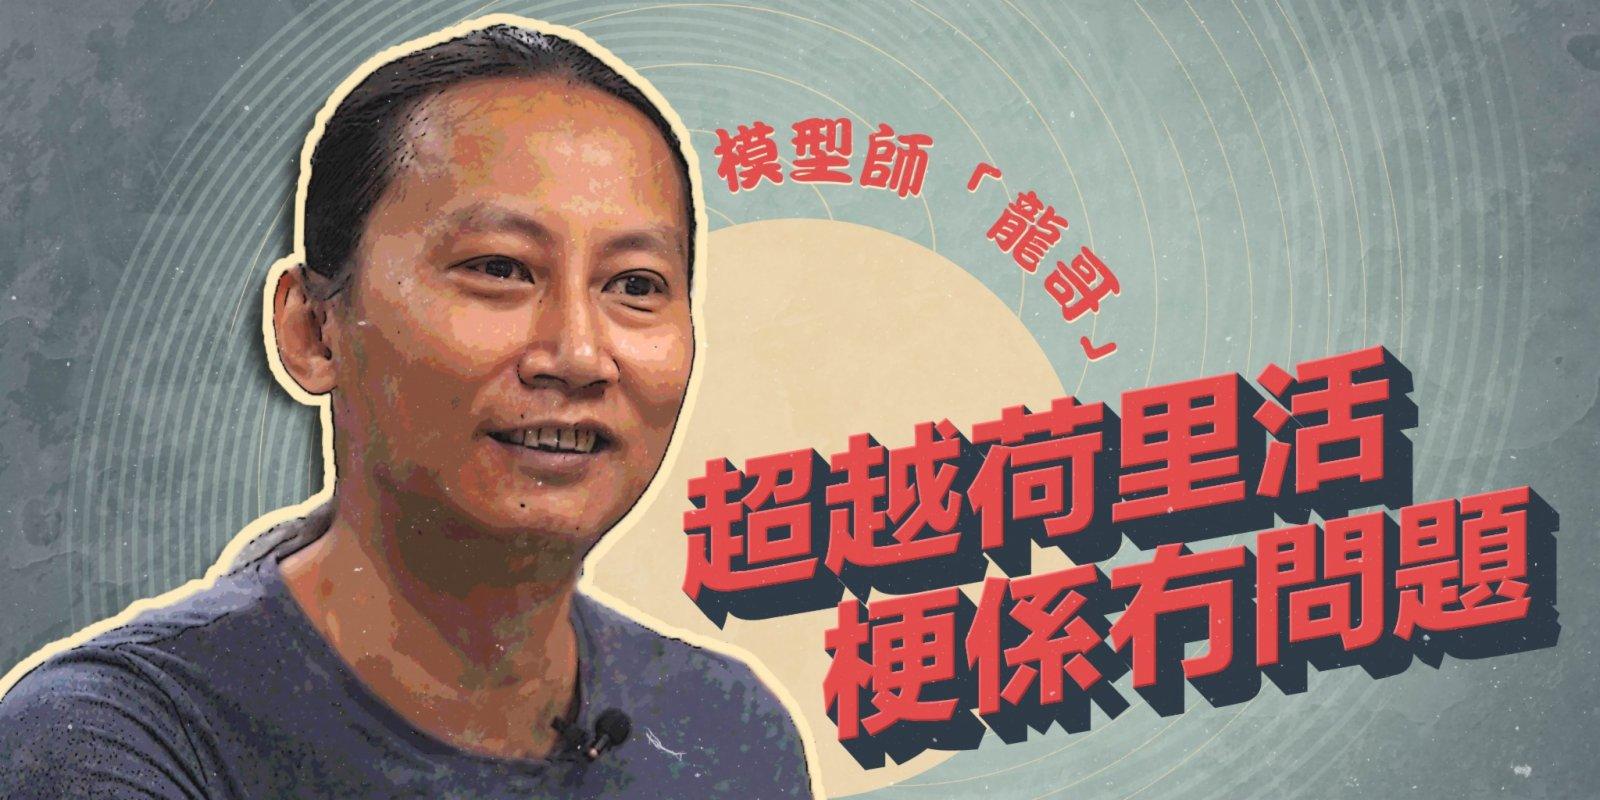 大灣區大未來|香港模型師搭橋兩地團隊「深港共振」  希望超越好萊塢